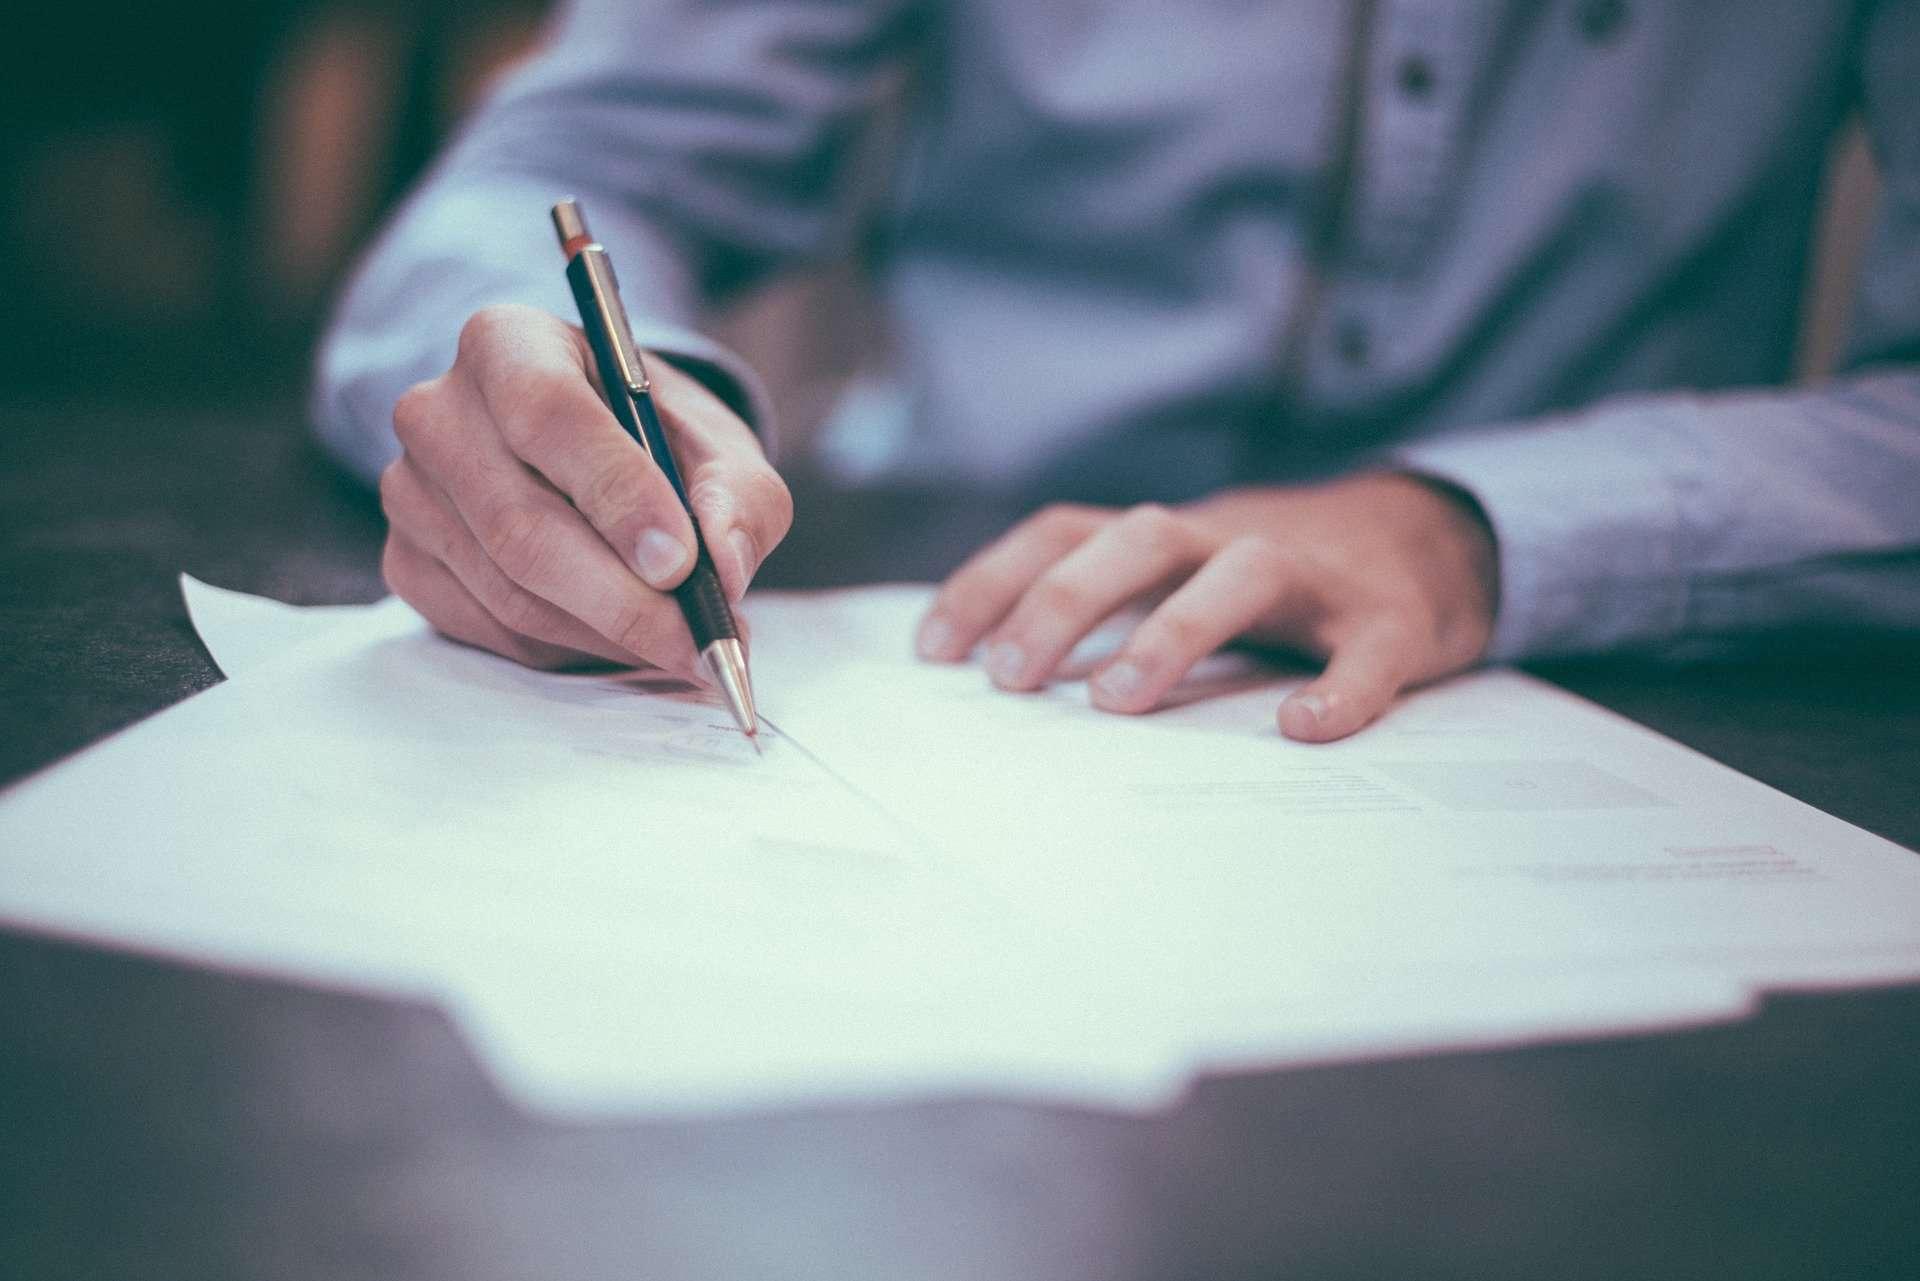 La clause bénéficiaire dans les contrats d'assurance vie